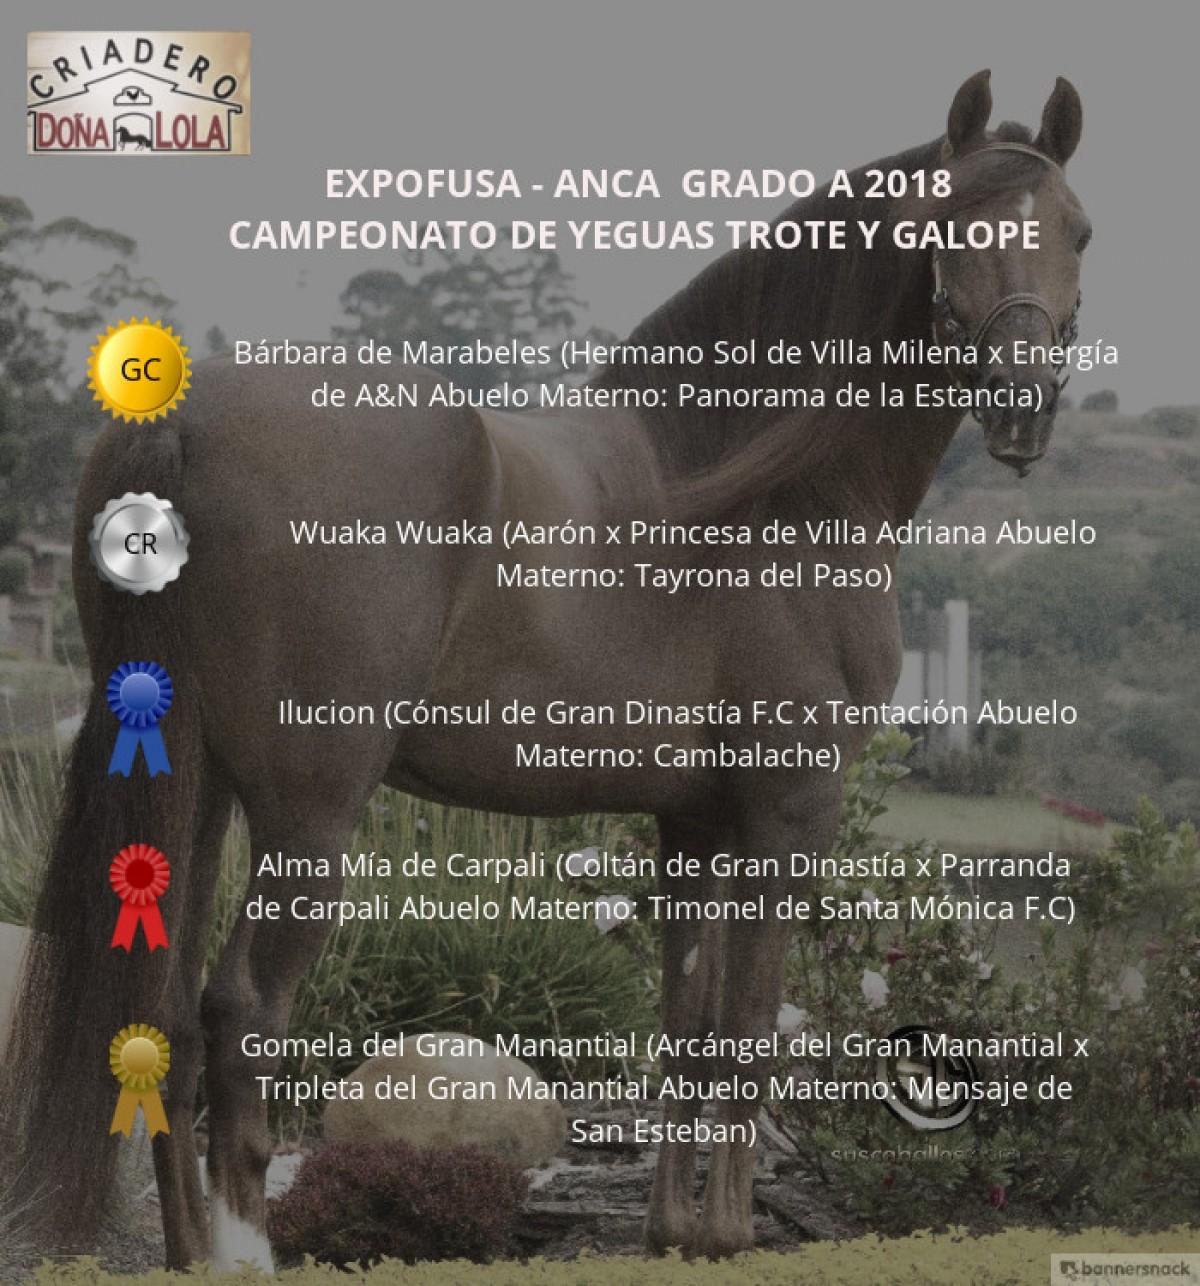 VÍDEO: Bárbara Campeona, Wuaka Wuaka Reservada, Expofusa Grado A 2018